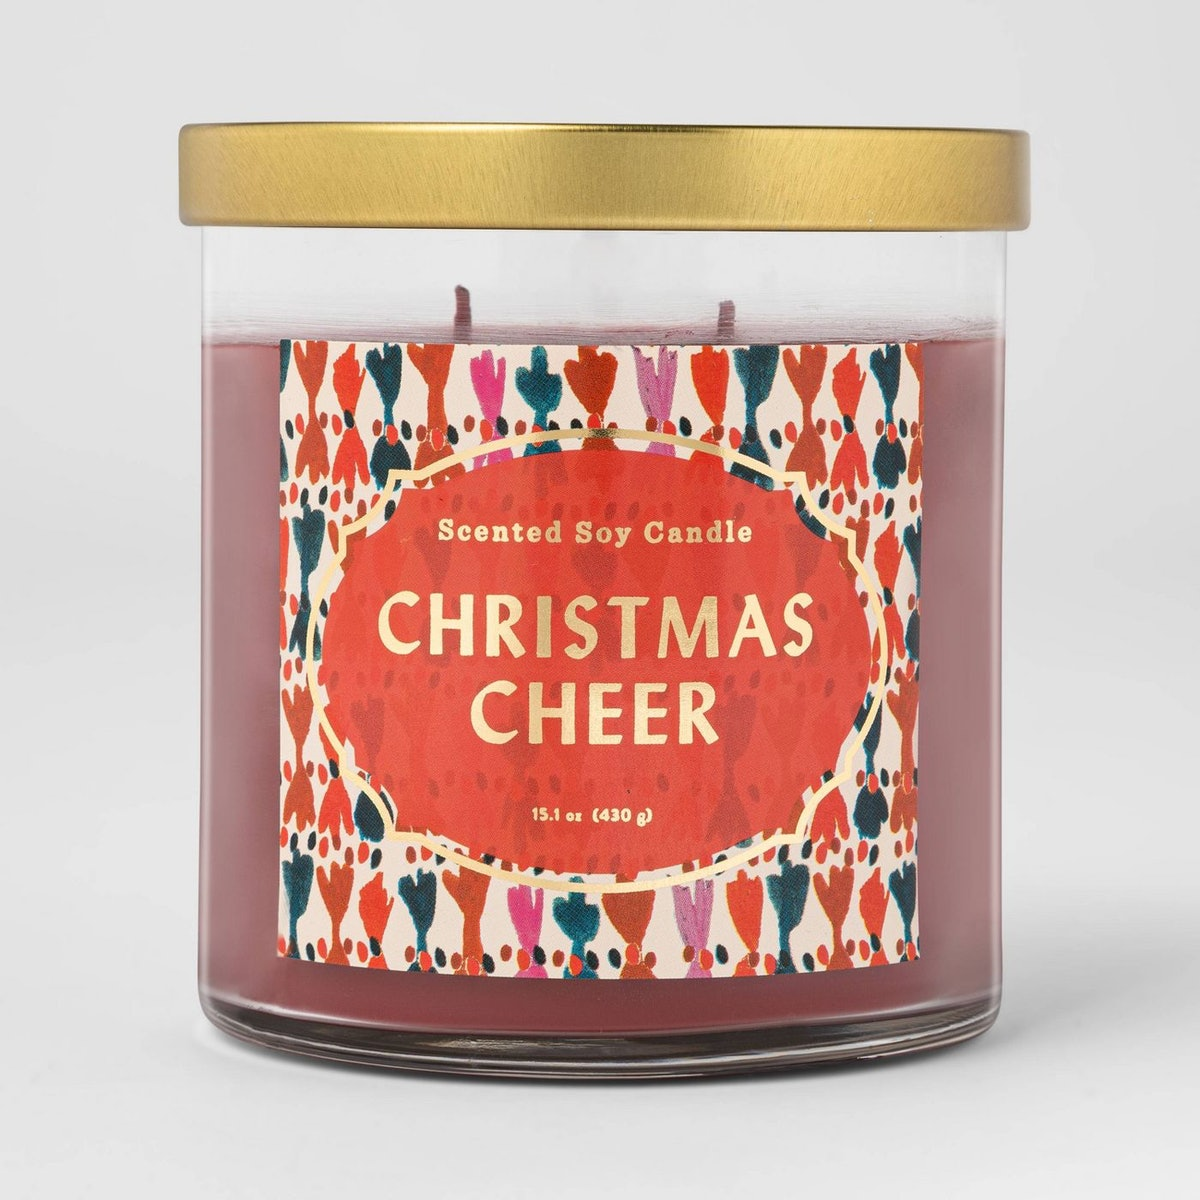 15.1 oz Lidded Glass Jar Candle — Christmas Cheer